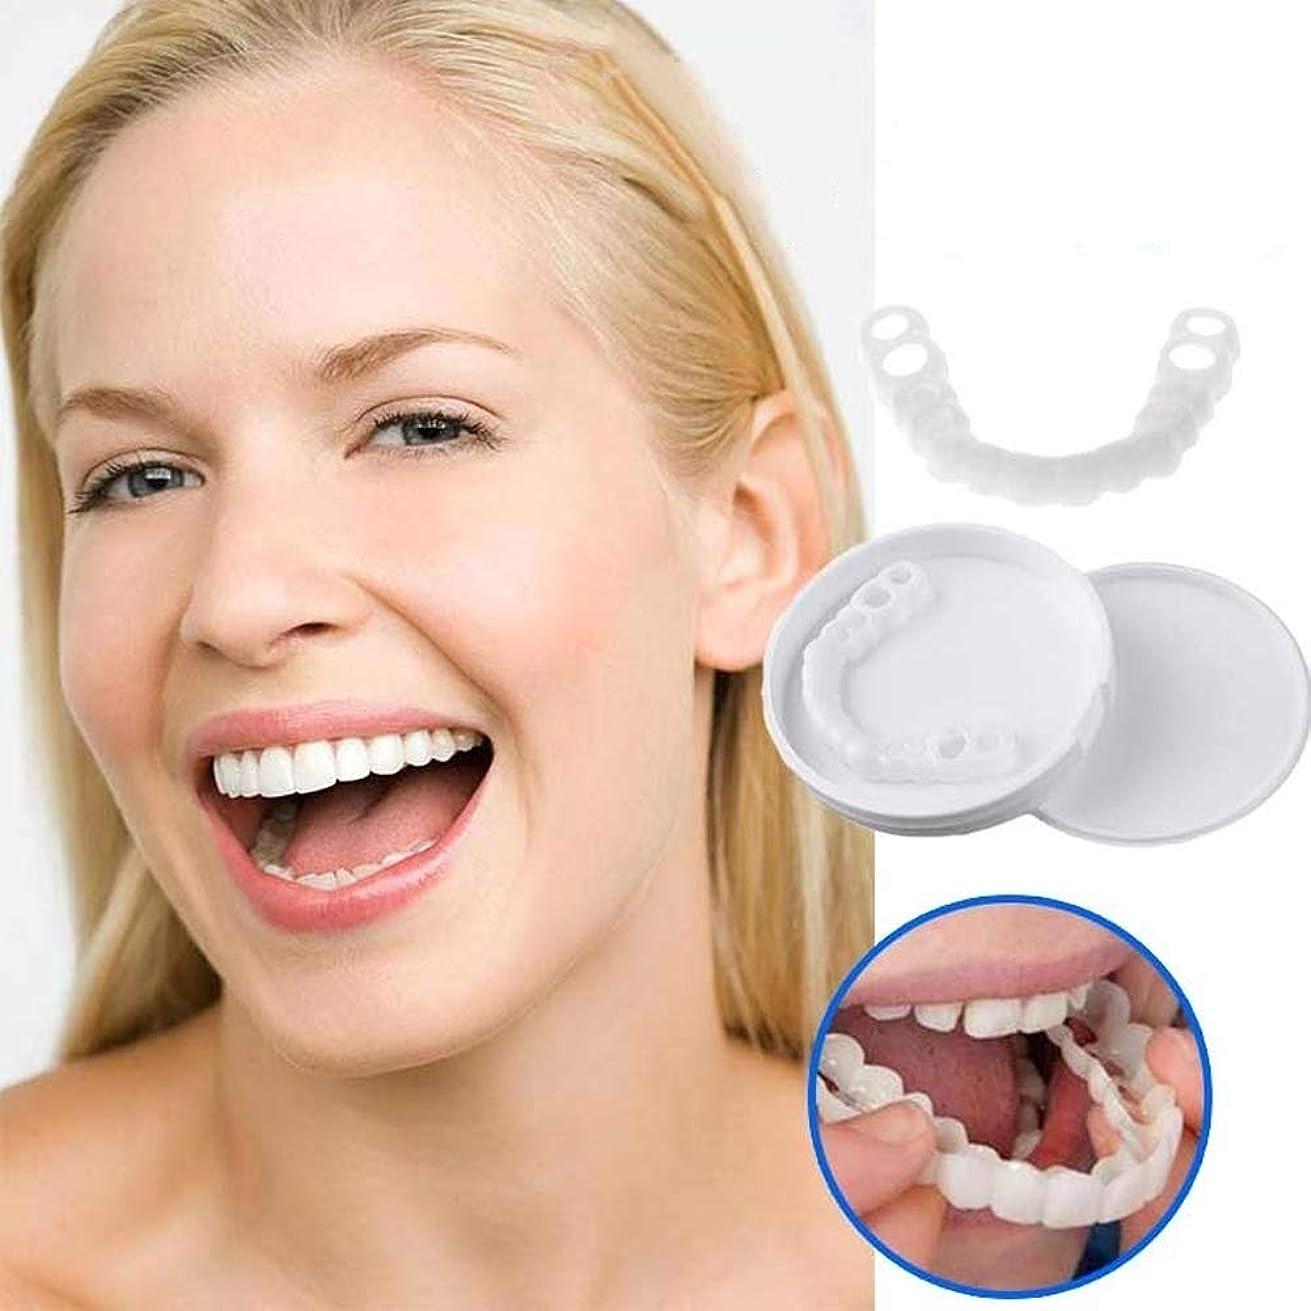 静脈飛び込む目を覚ます快適なスナップオン男性女性歯インスタントパーフェクトスマイルコンフォートフィットフレックス歯フィット美白スマイル偽歯カバー,Upperteeth5pcs